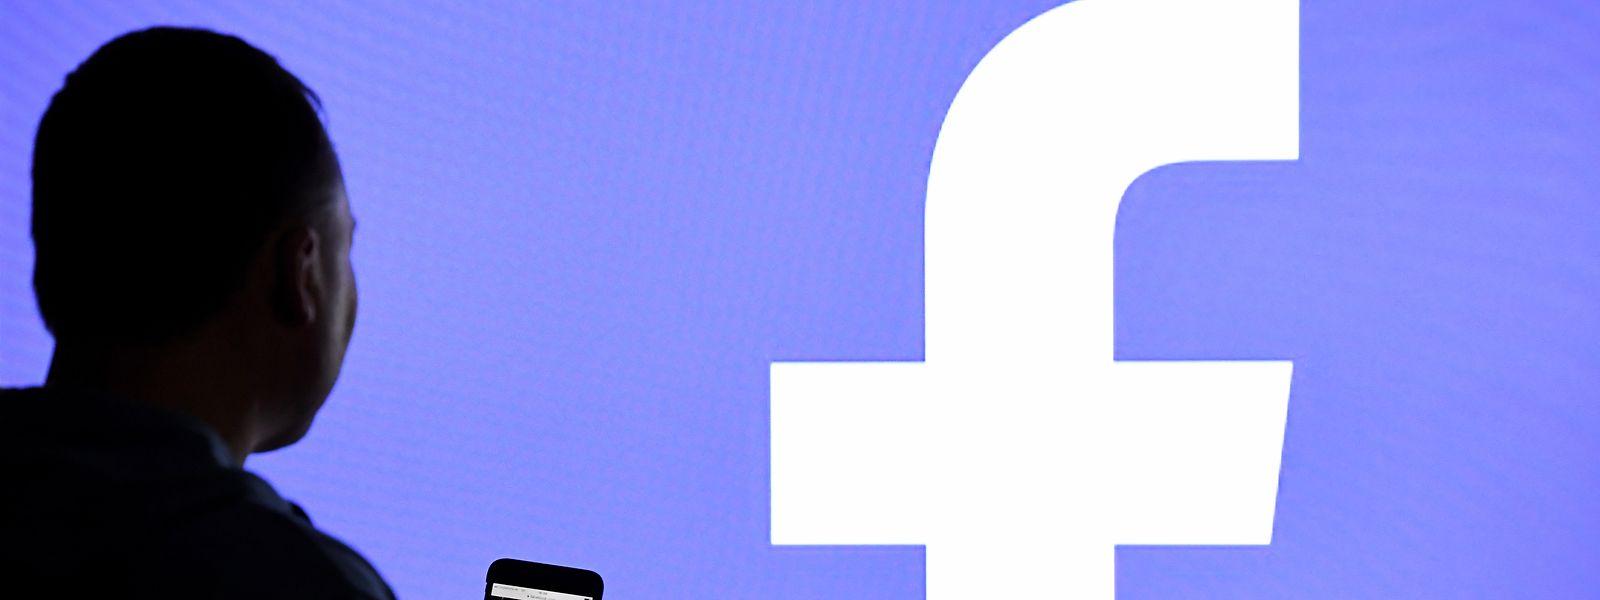 Nach dem Skandal um Cambridge Analytica sperrte Facebook Tausende Apps - die meisten vorsorglich.